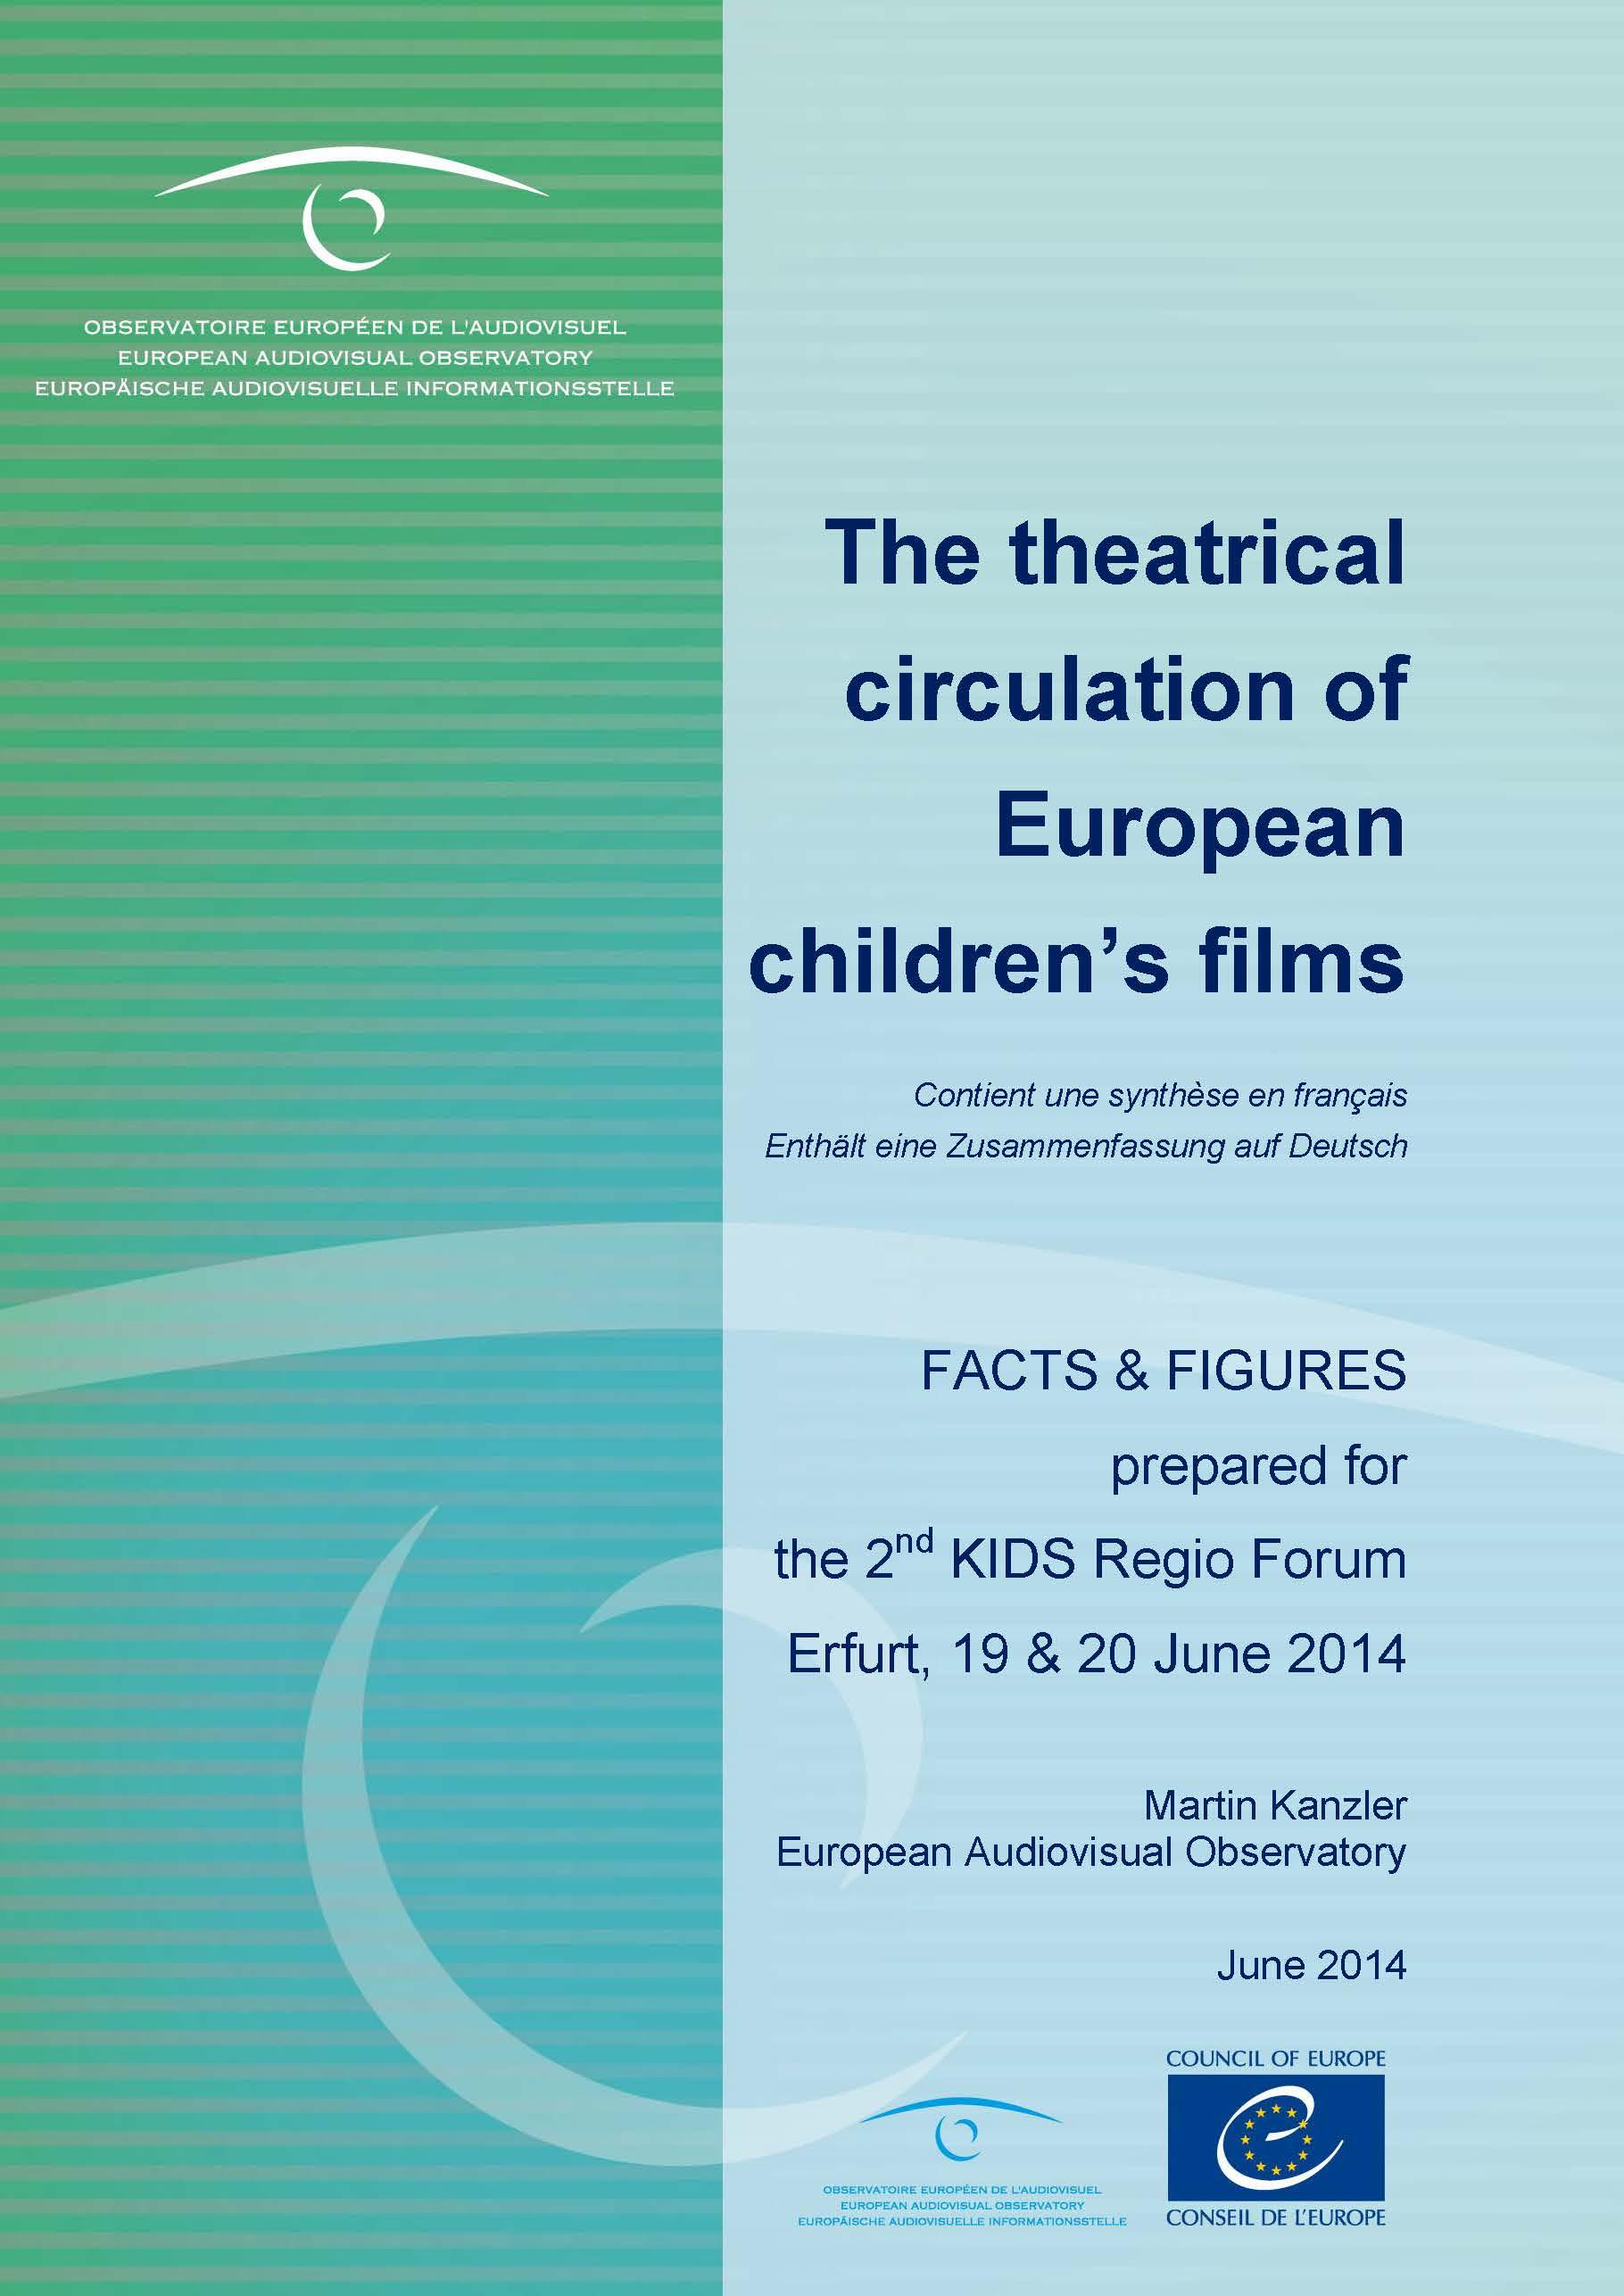 Europäische Kinderfilme verkaufen sich an der Kinokasse im Schnitt fünfmal so gut wie Filme für ältere Zielgruppen